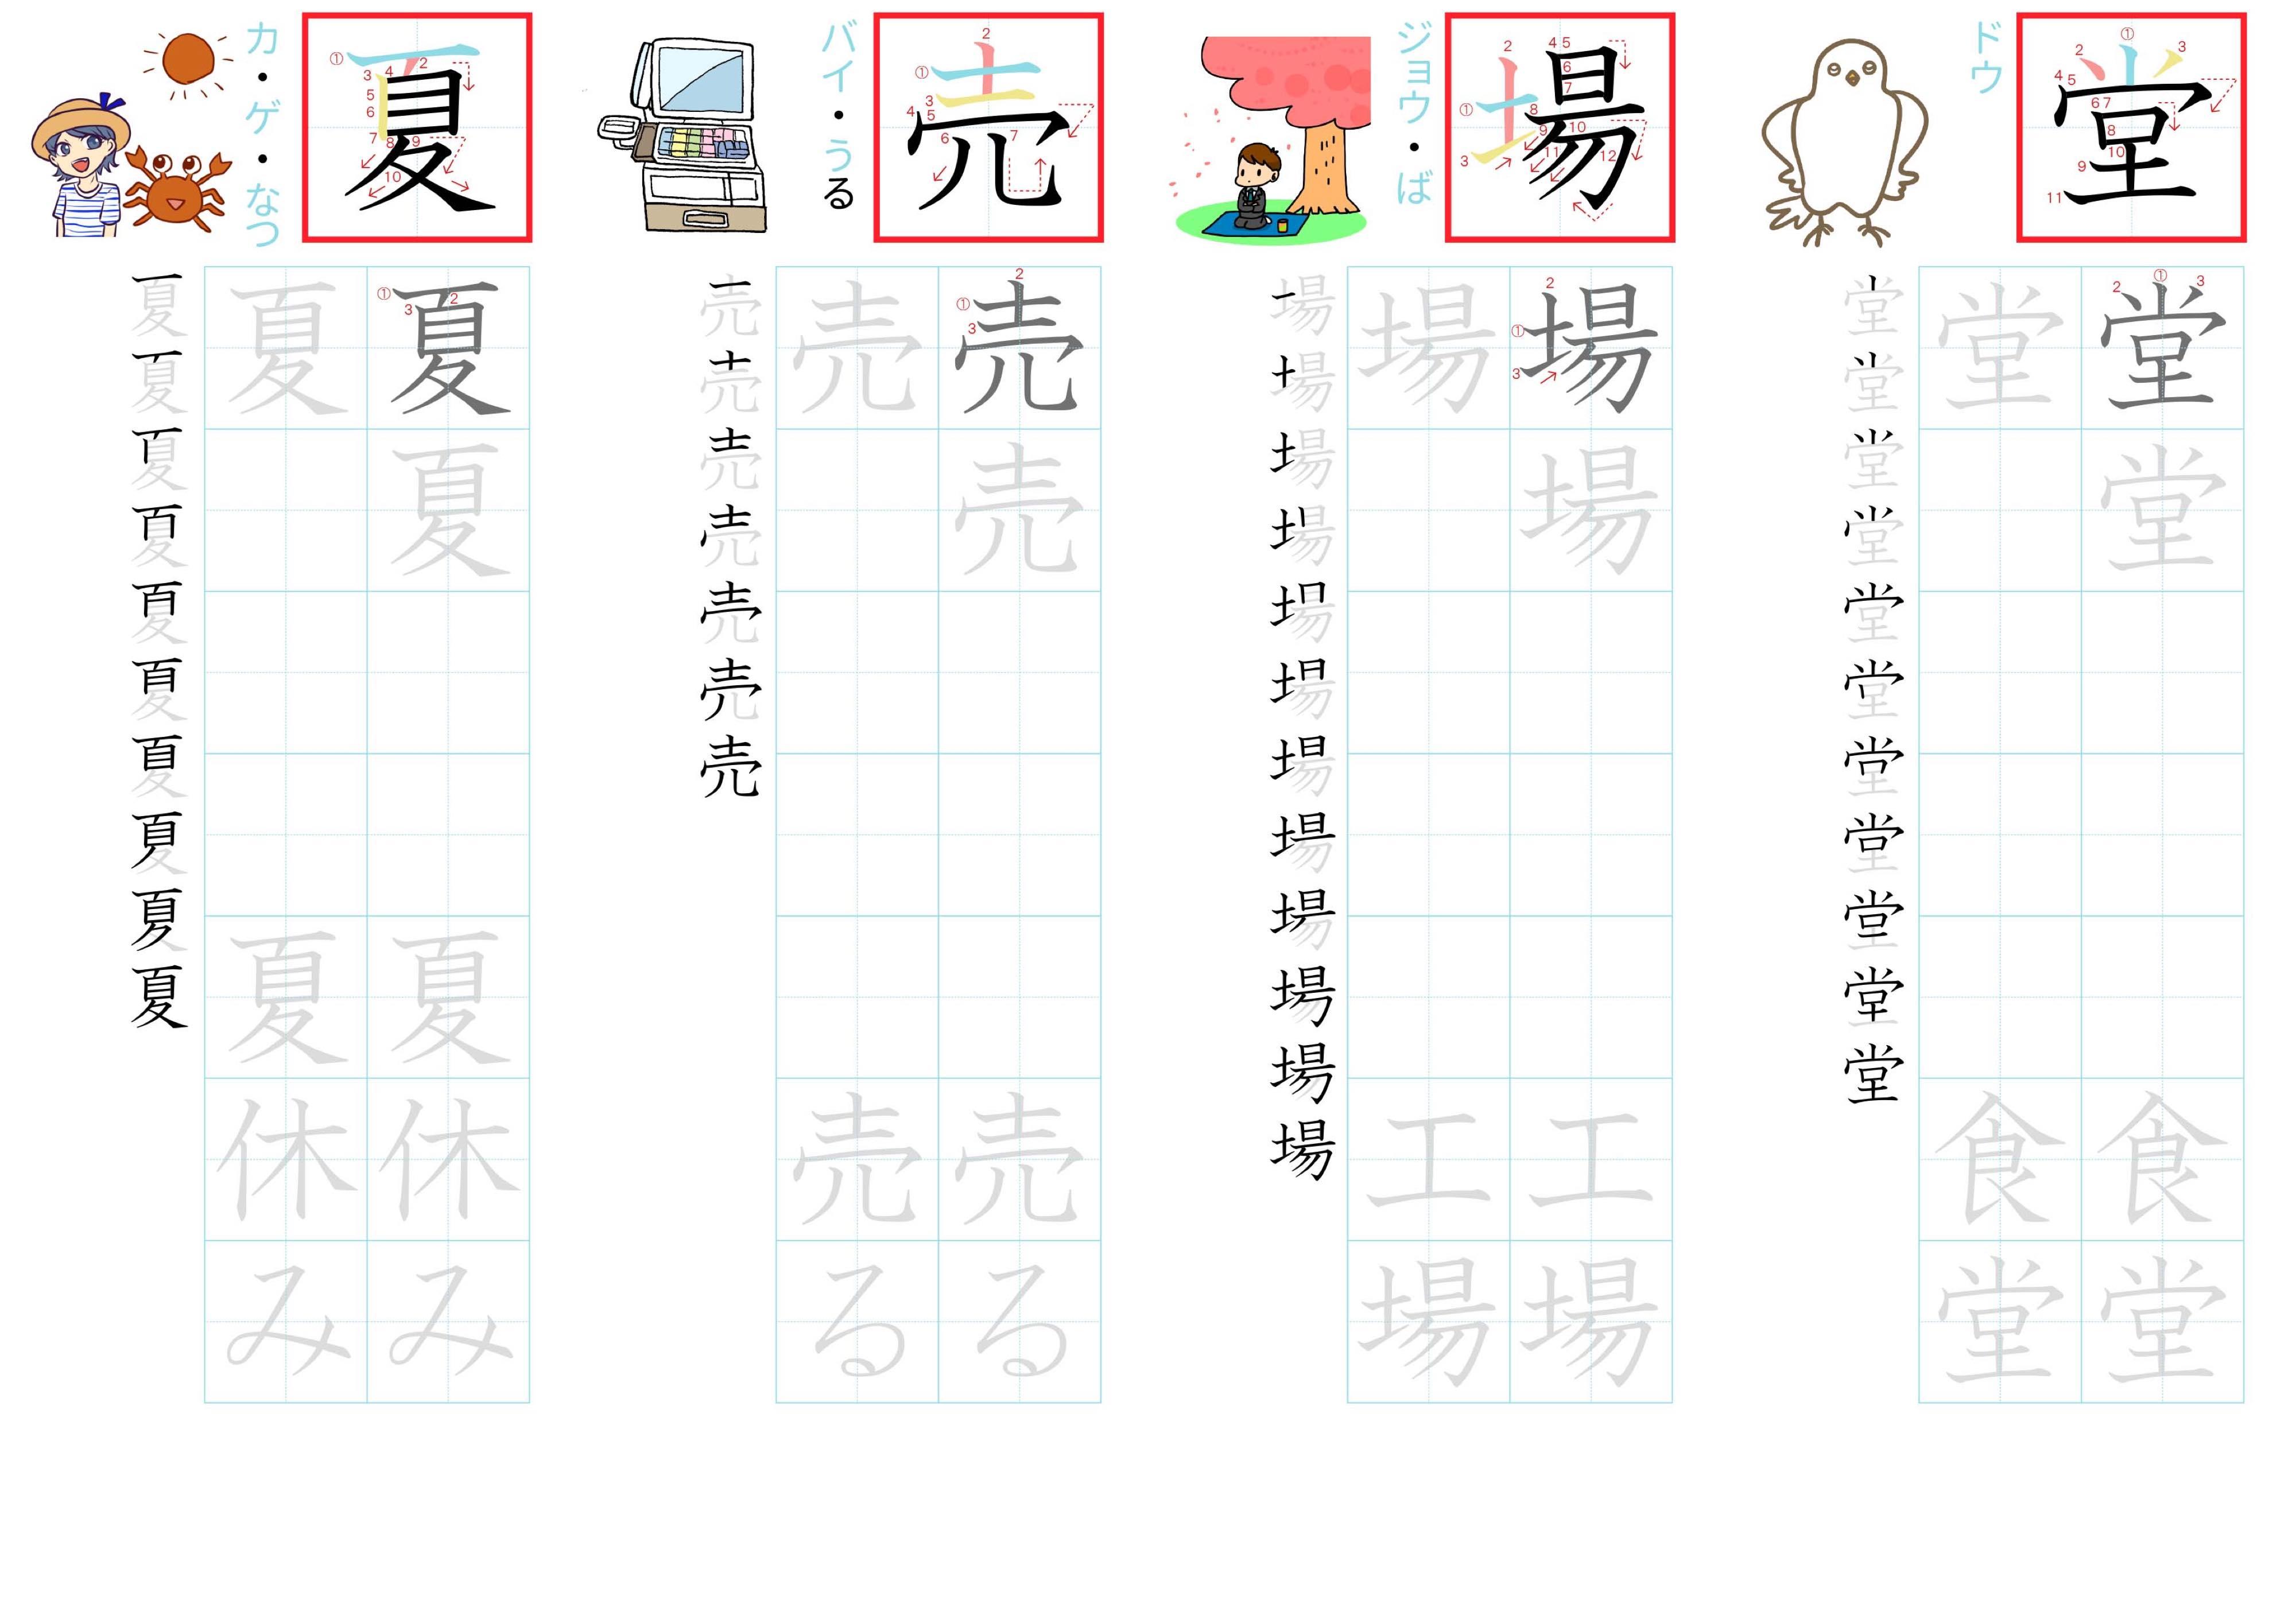 kanji-practice-card-n4-japanese-030